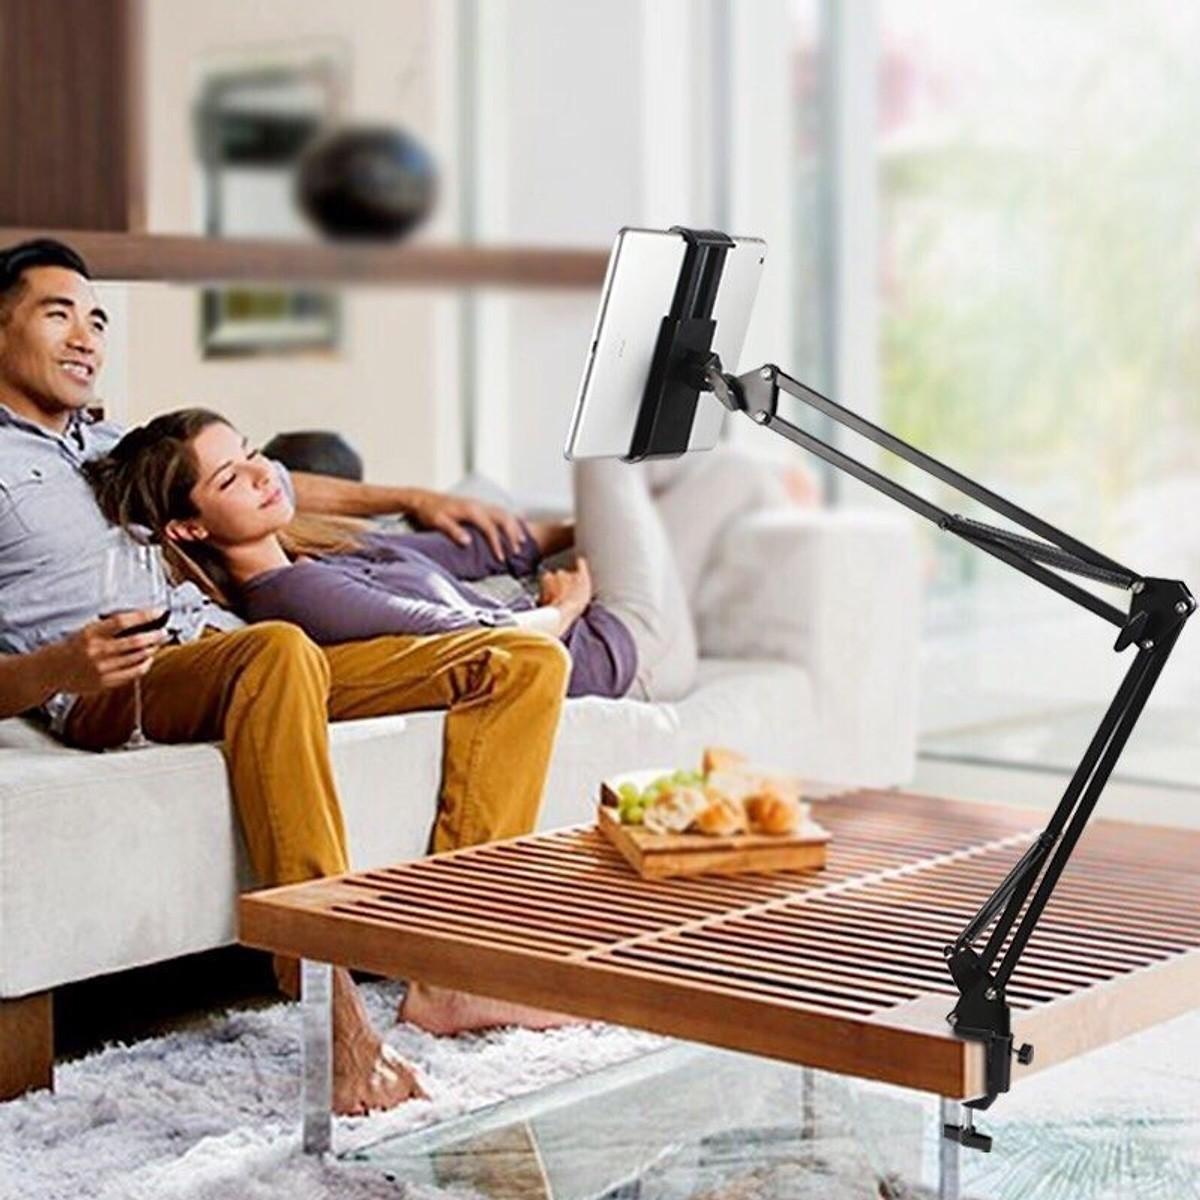 Giá đỡ thông minh cho điện thoại, máy tính bảng có chân kẹp đầu giường, cạnh bàn - Tặng giá hình thú để điện thoại